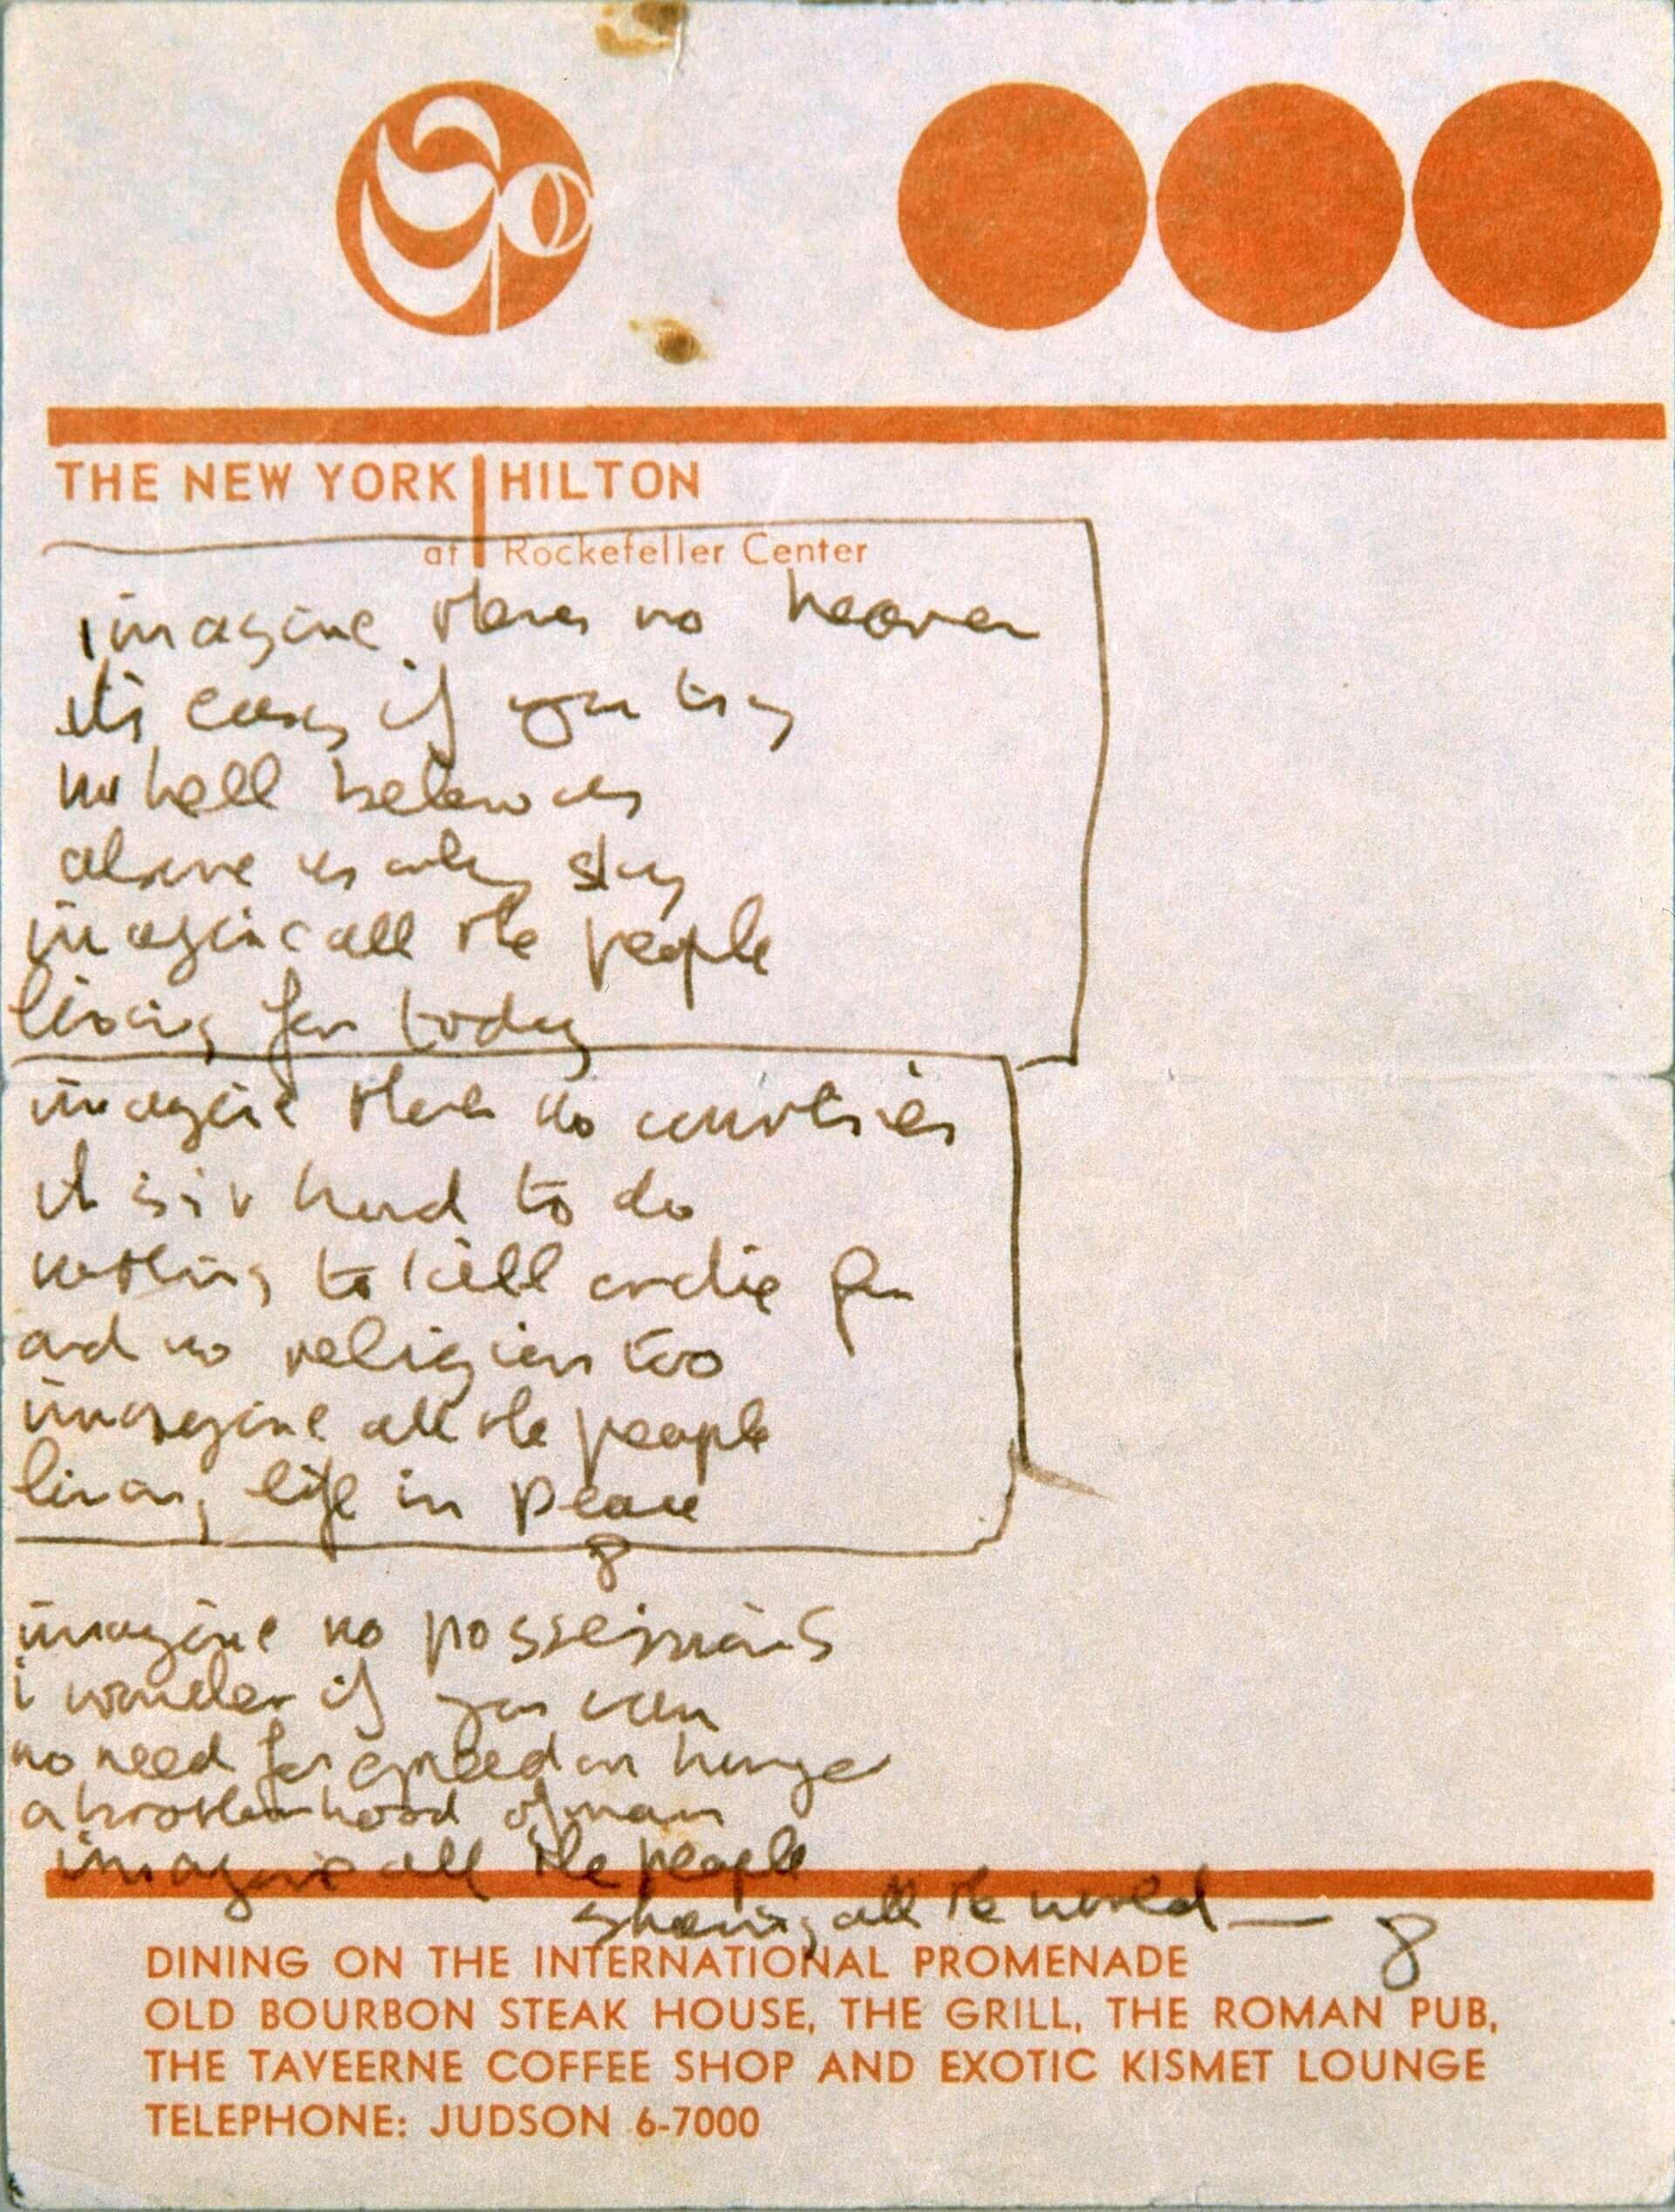 ジョン・レノンとオノ・ヨーコの軌跡を辿る展覧会<DOUBLE FANTASY - John & Yoko>東京展が開催決定!私物など100点以上展示 art200630_doublefantasy_1-1920x2535